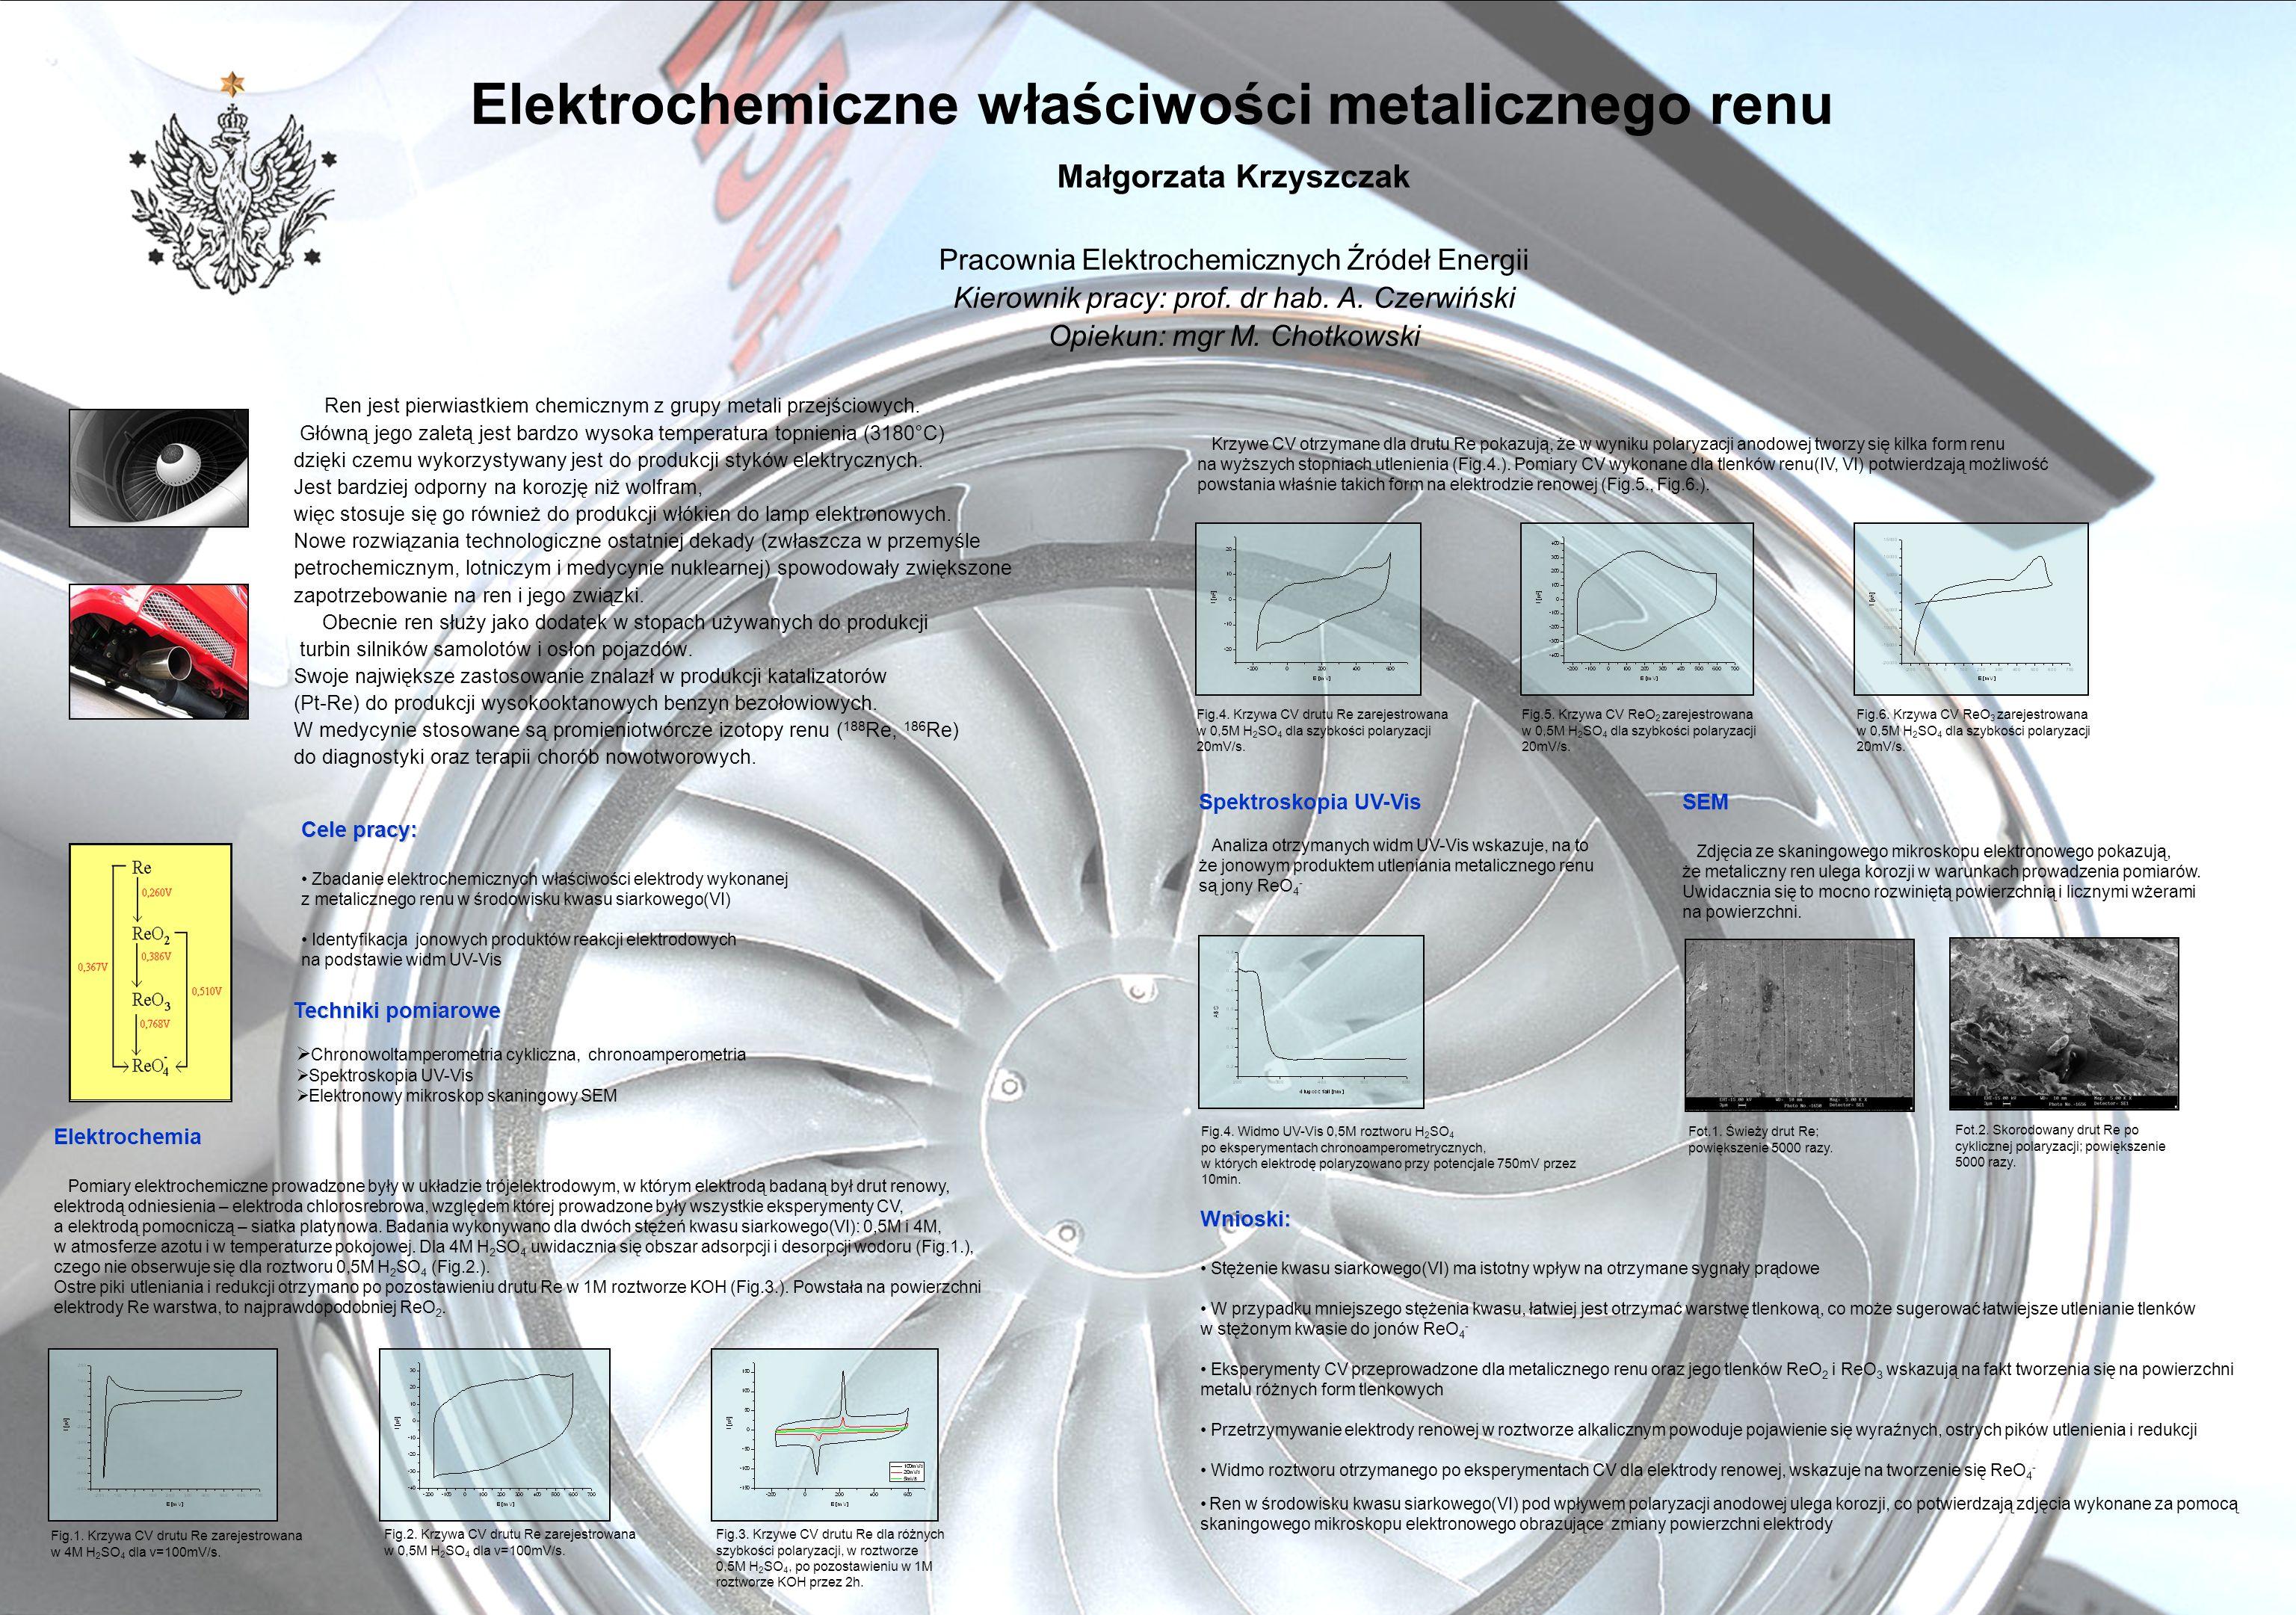 Elektrochemiczne właściwości metalicznego renu